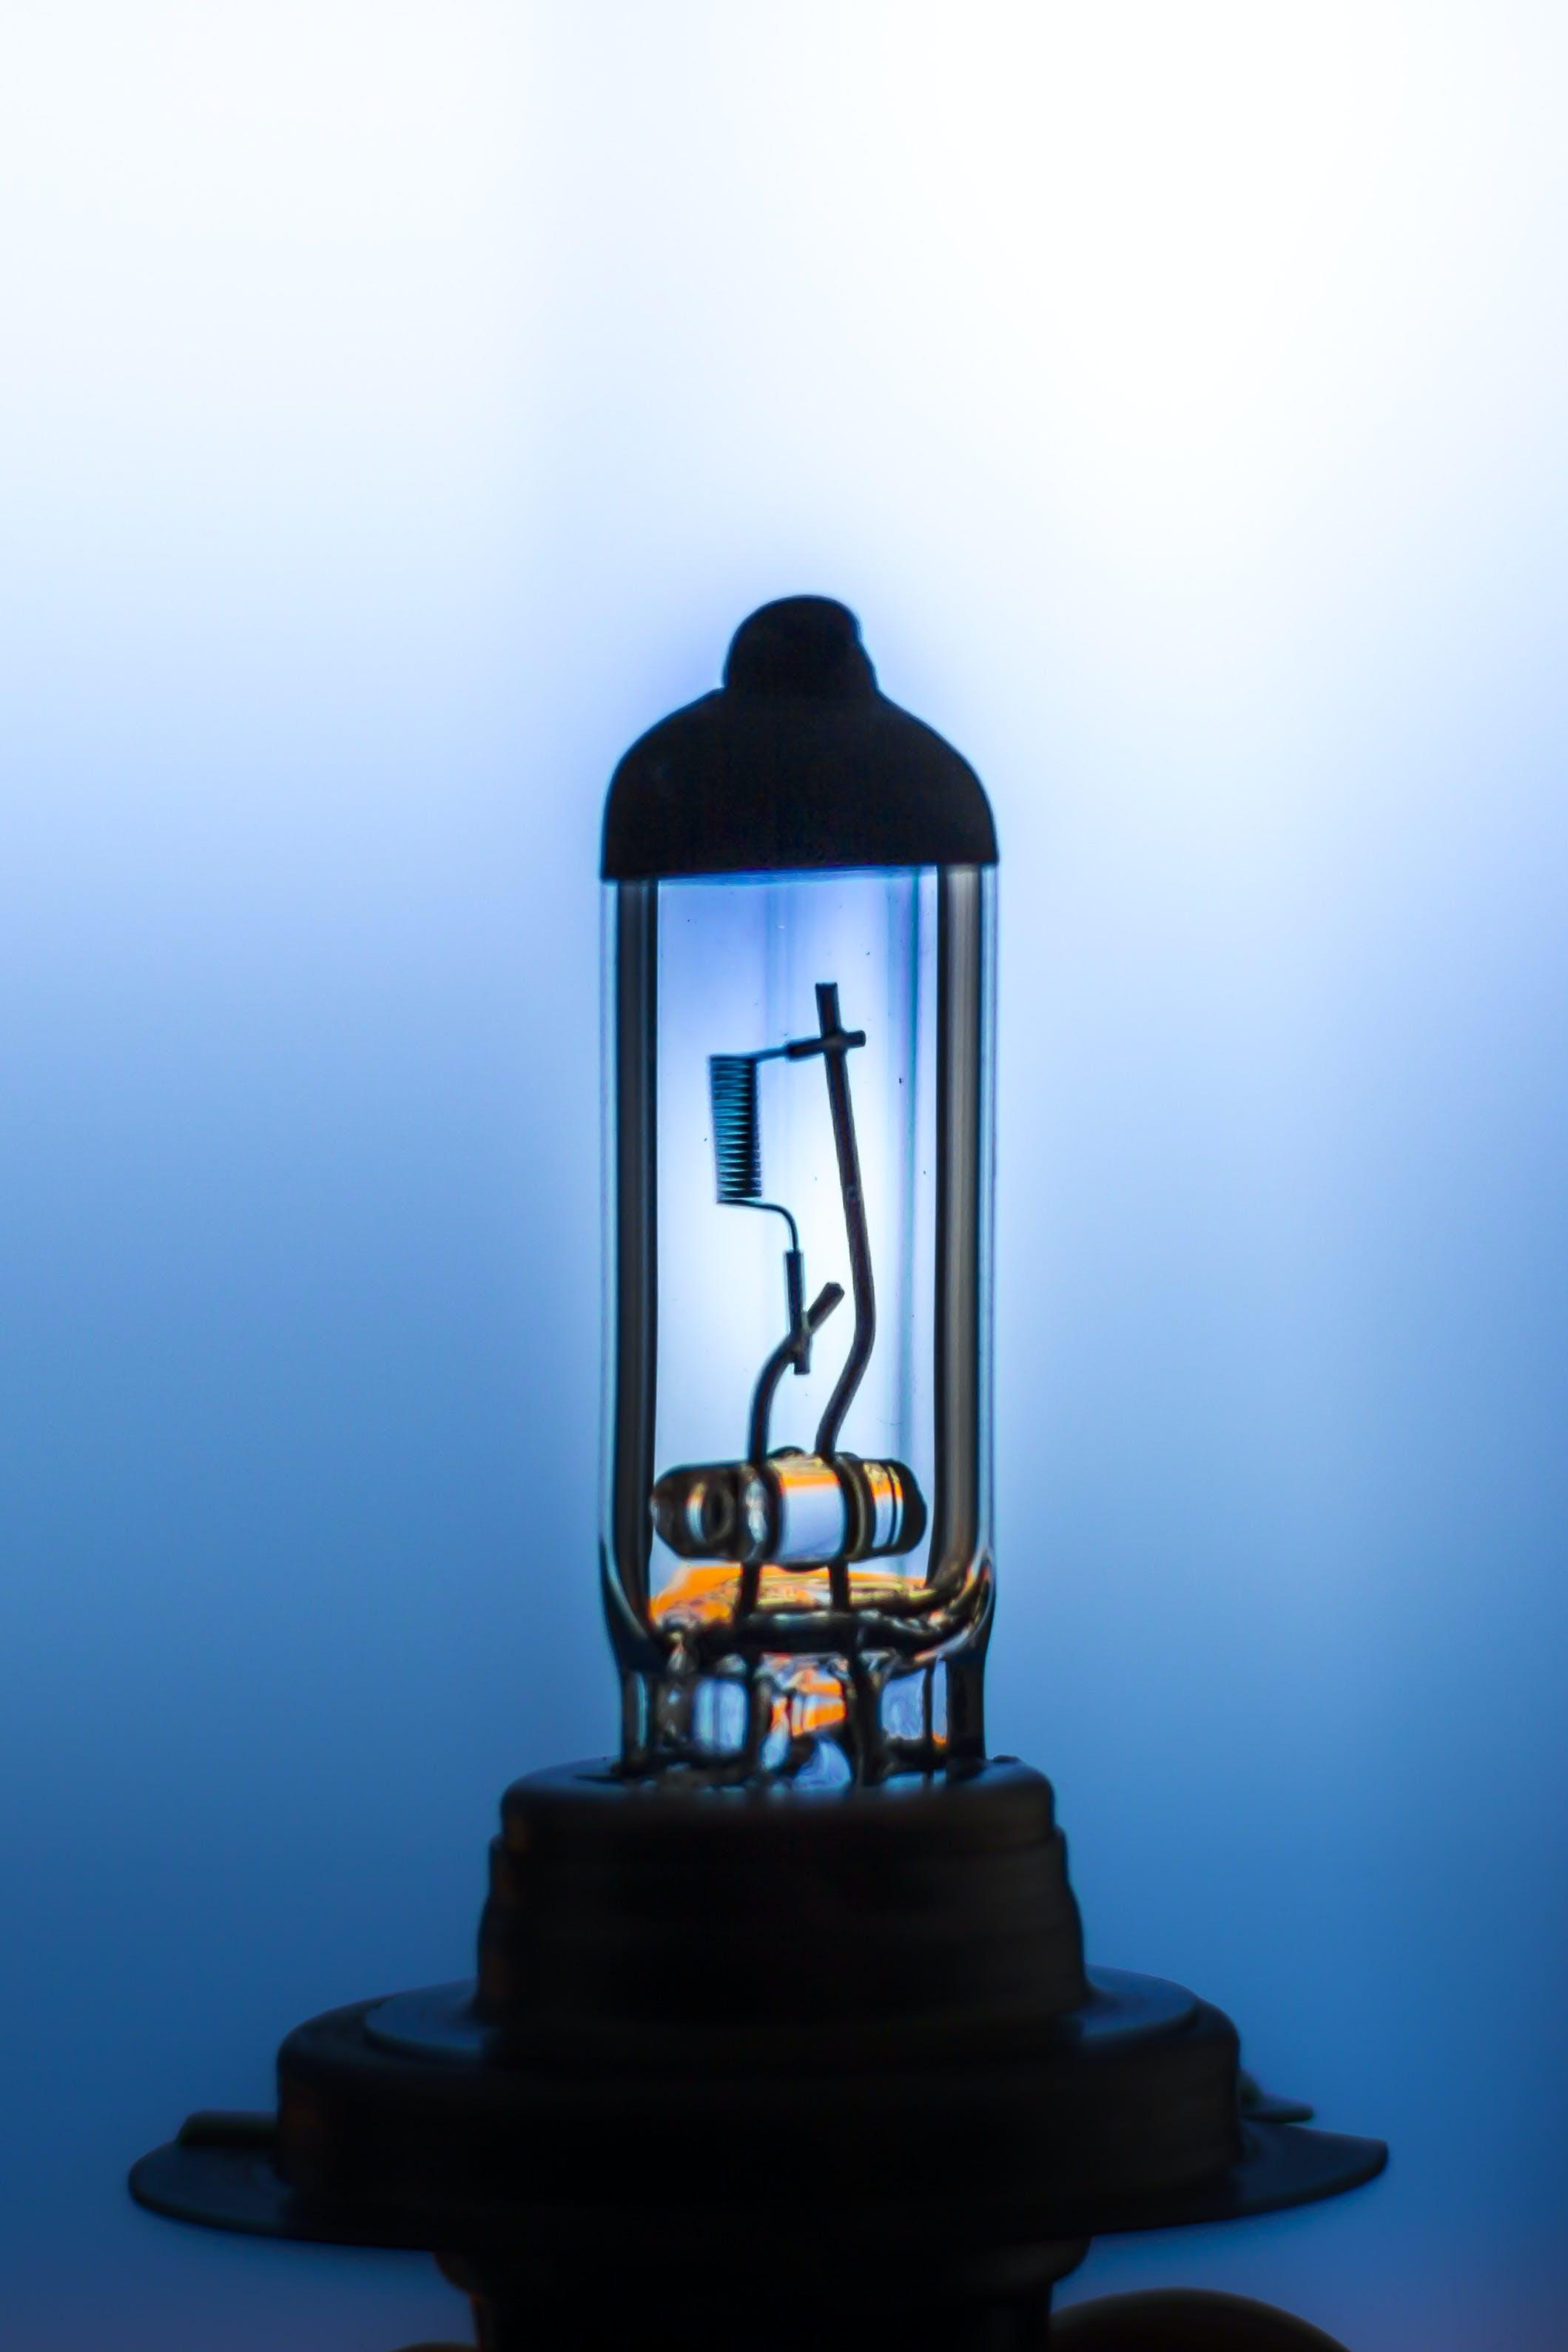 String Light Bulb